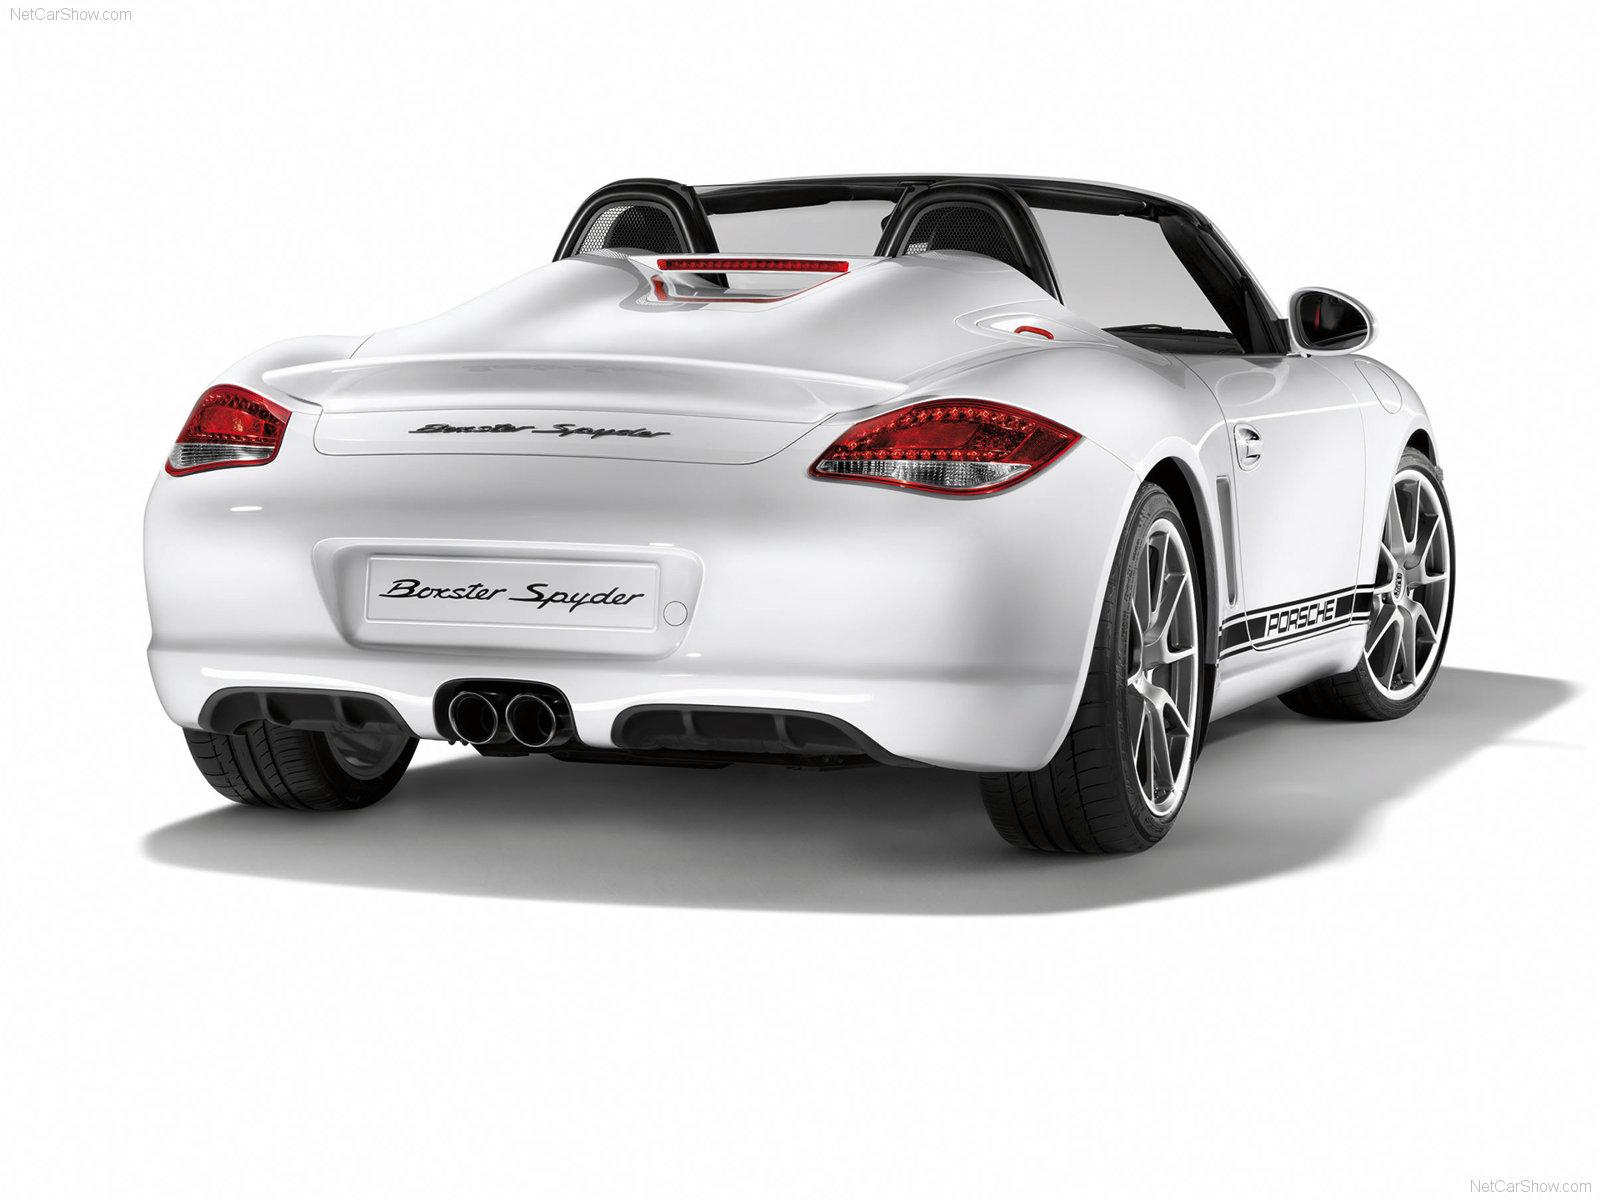 2010 Porsche Boxster Spyder Wallpapers